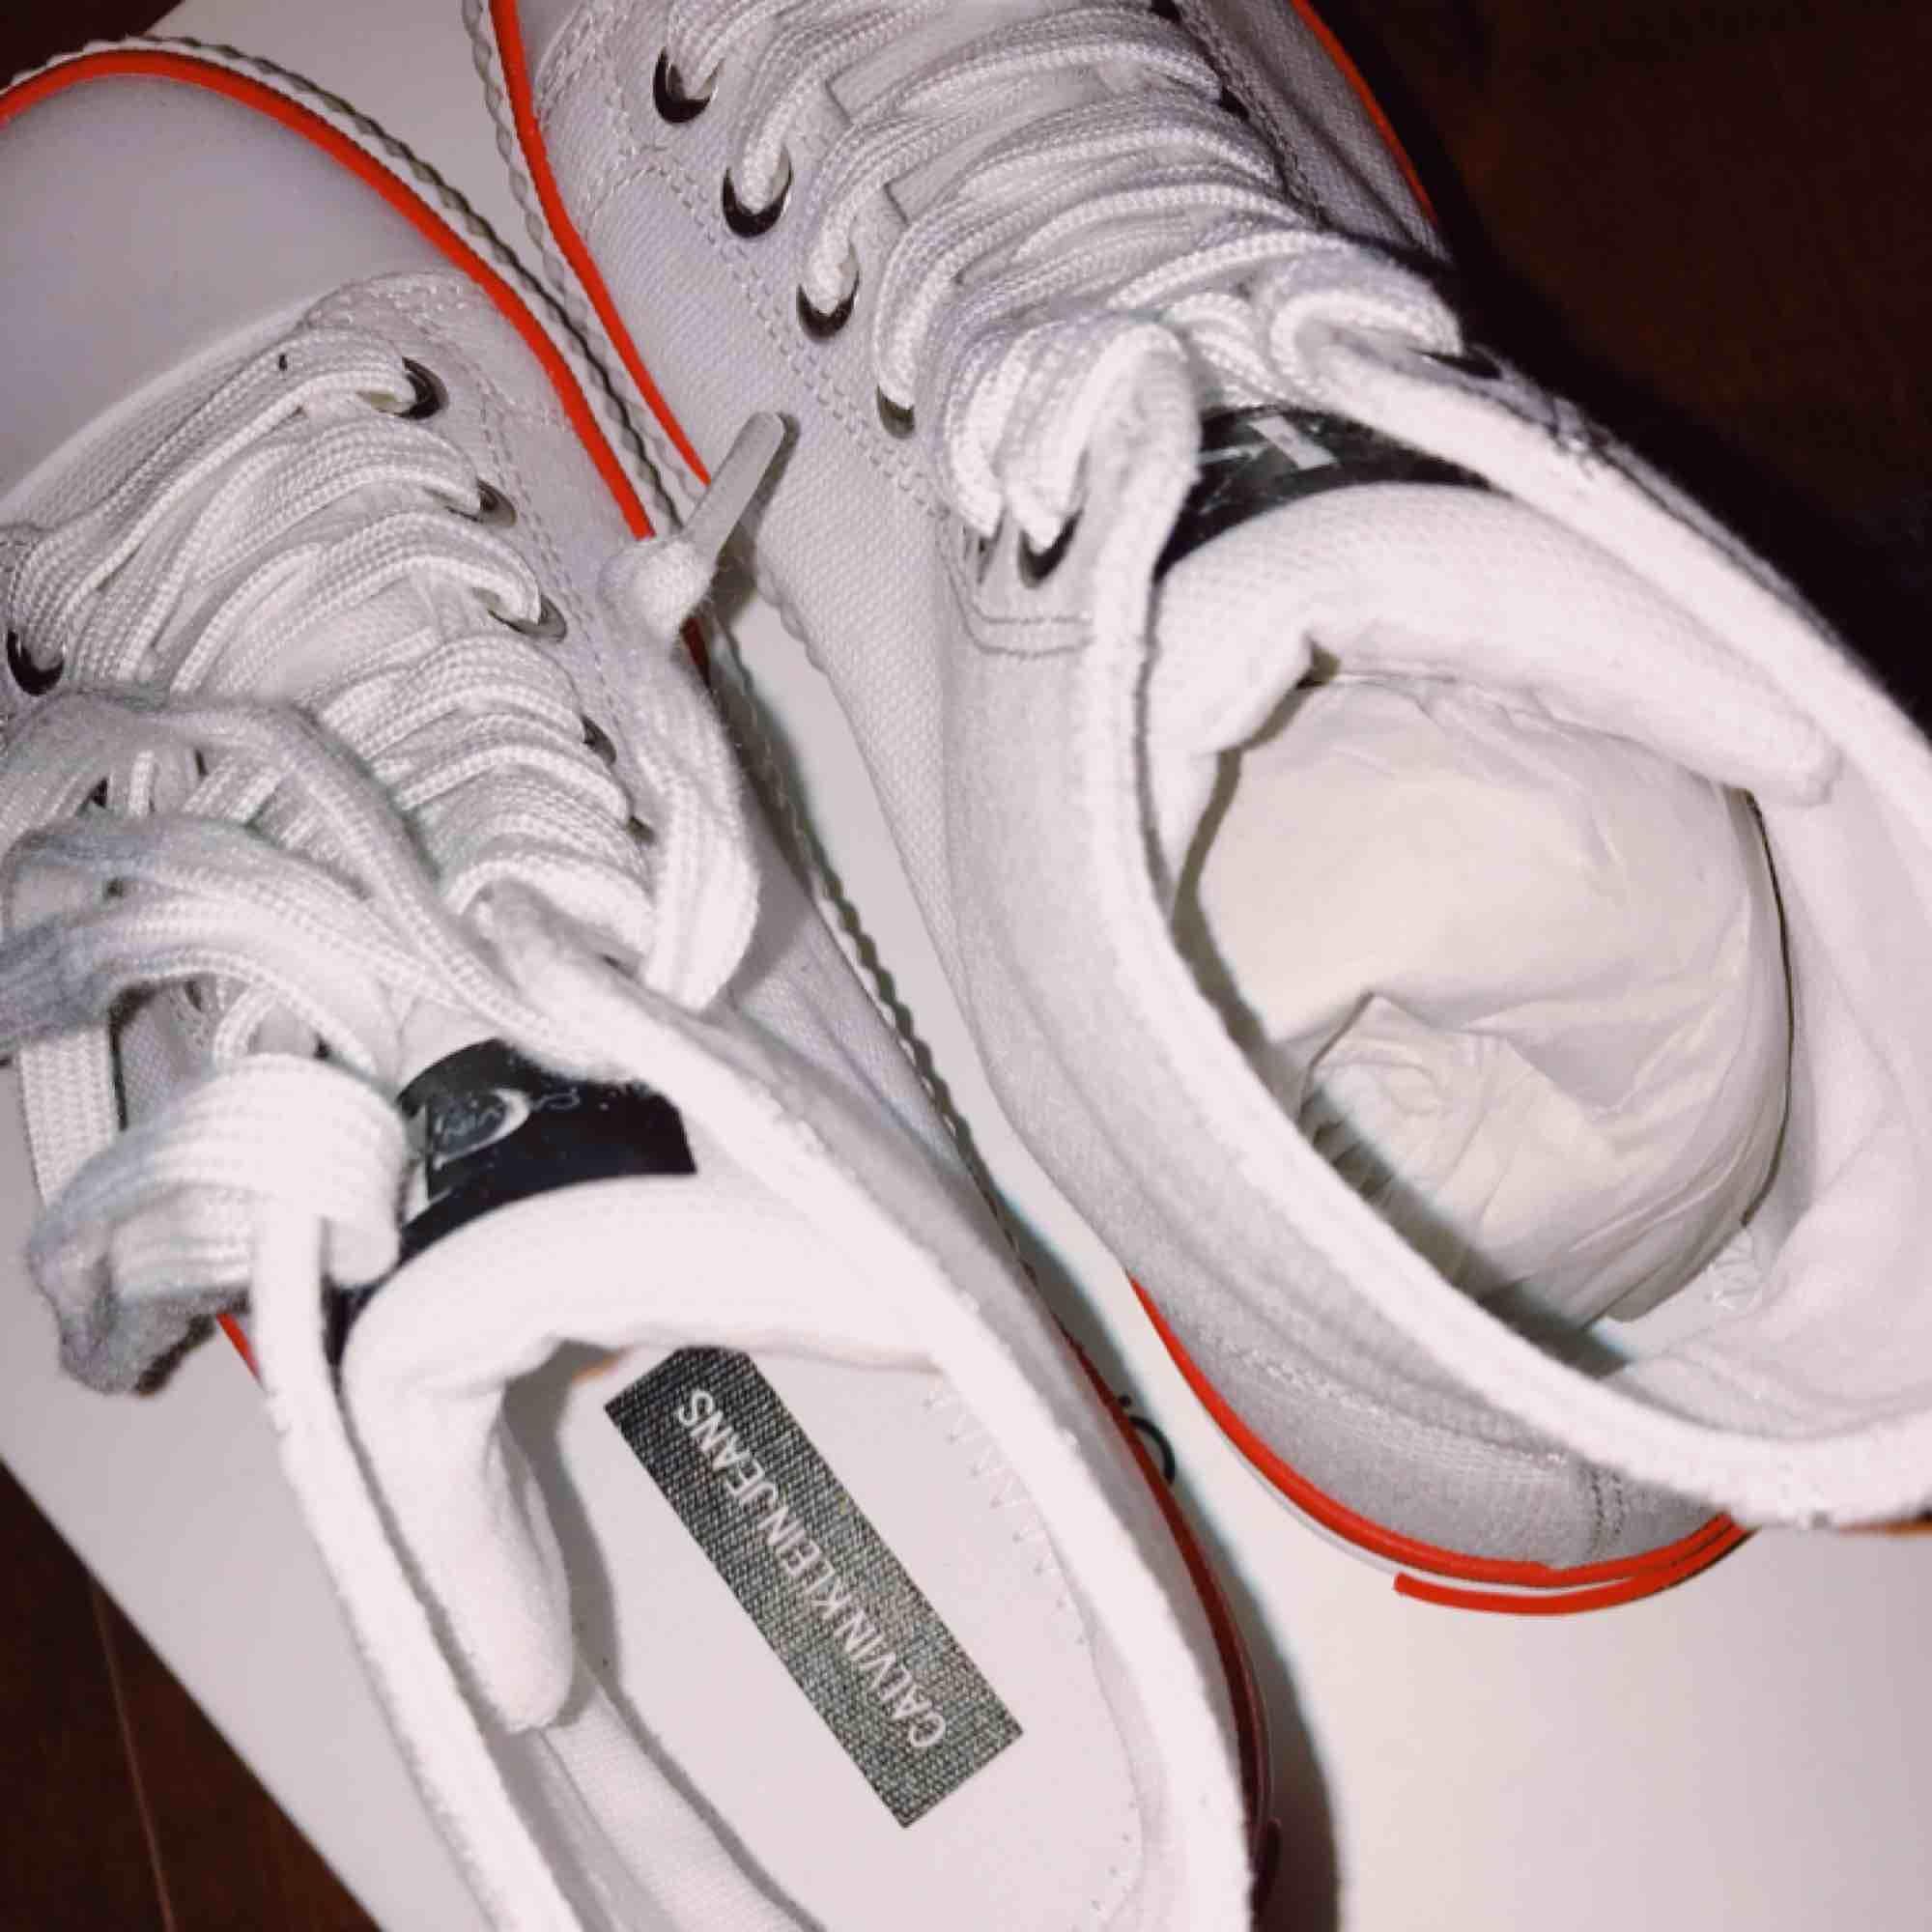 Säljer ett par helt oanvända, endast provade Calvin Klein skor storlek 36. Nypris 950kr, säljer för 650 kr med lådan inkluderad i priset.  Finns att hämta i Skellefteå annars står köparen för frakt. Ligger även uppe på andra sidor.. Skor.